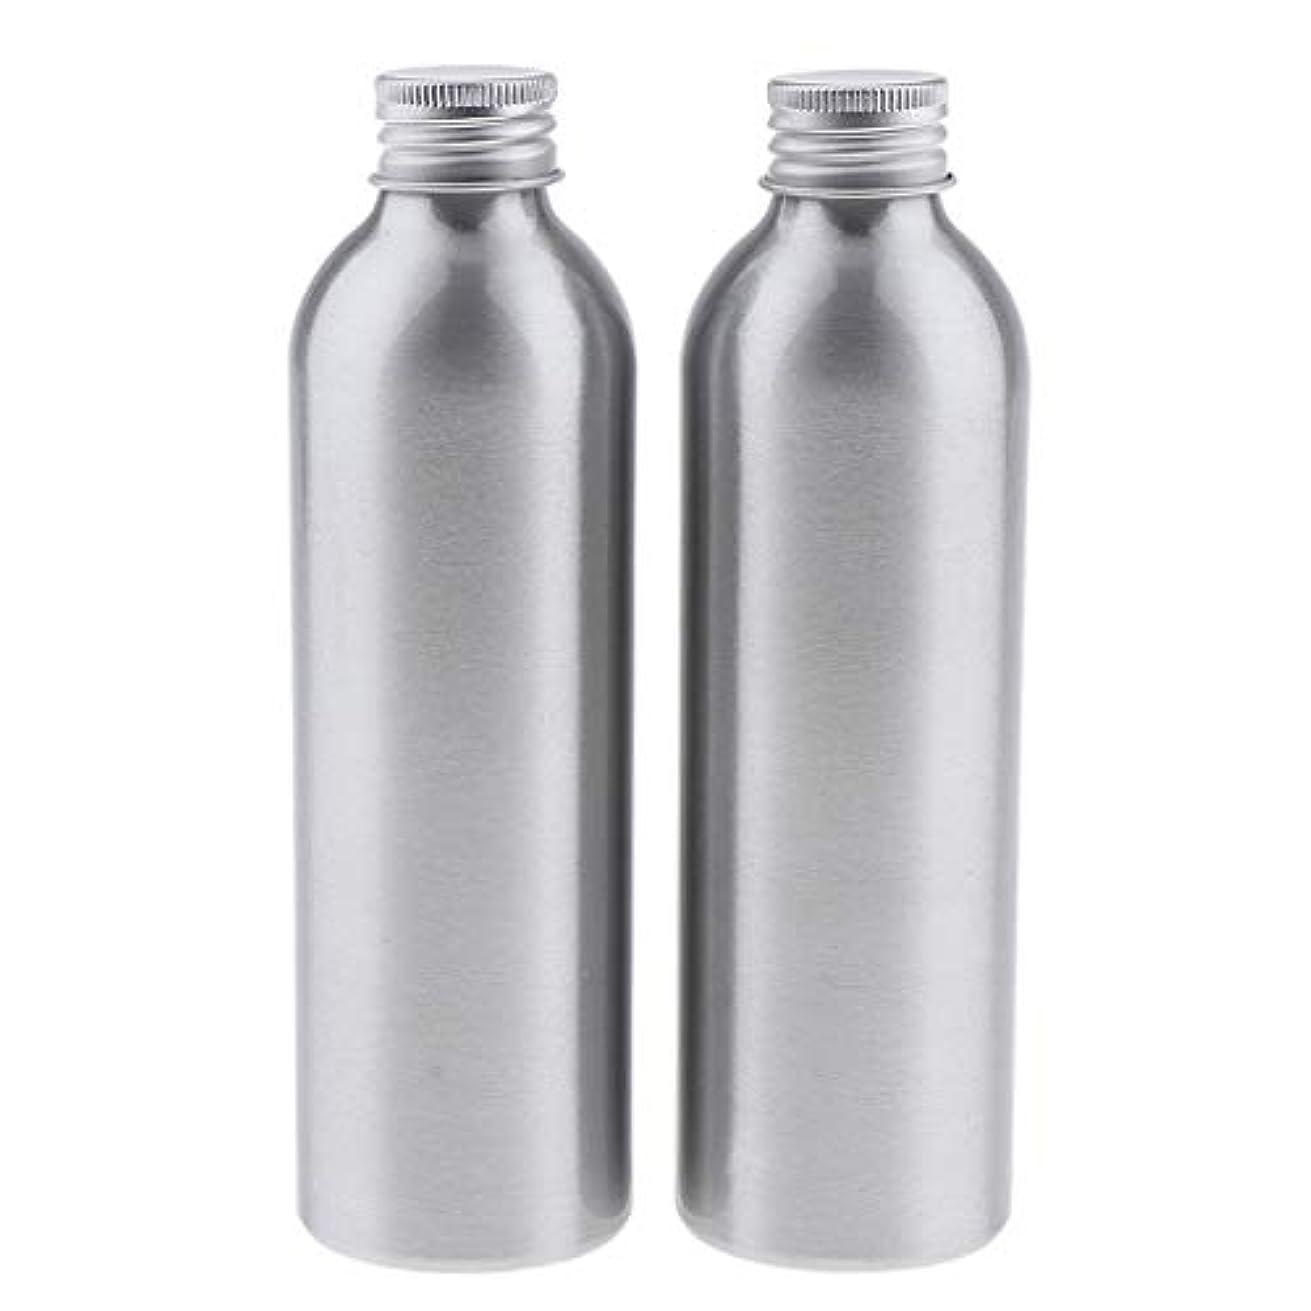 貢献彼の市の花DYNWAVE 2本 アルミボトル 空容器 化粧品収納容器 ディスペンサーボトル シルバー 全5サイズ - 250ml